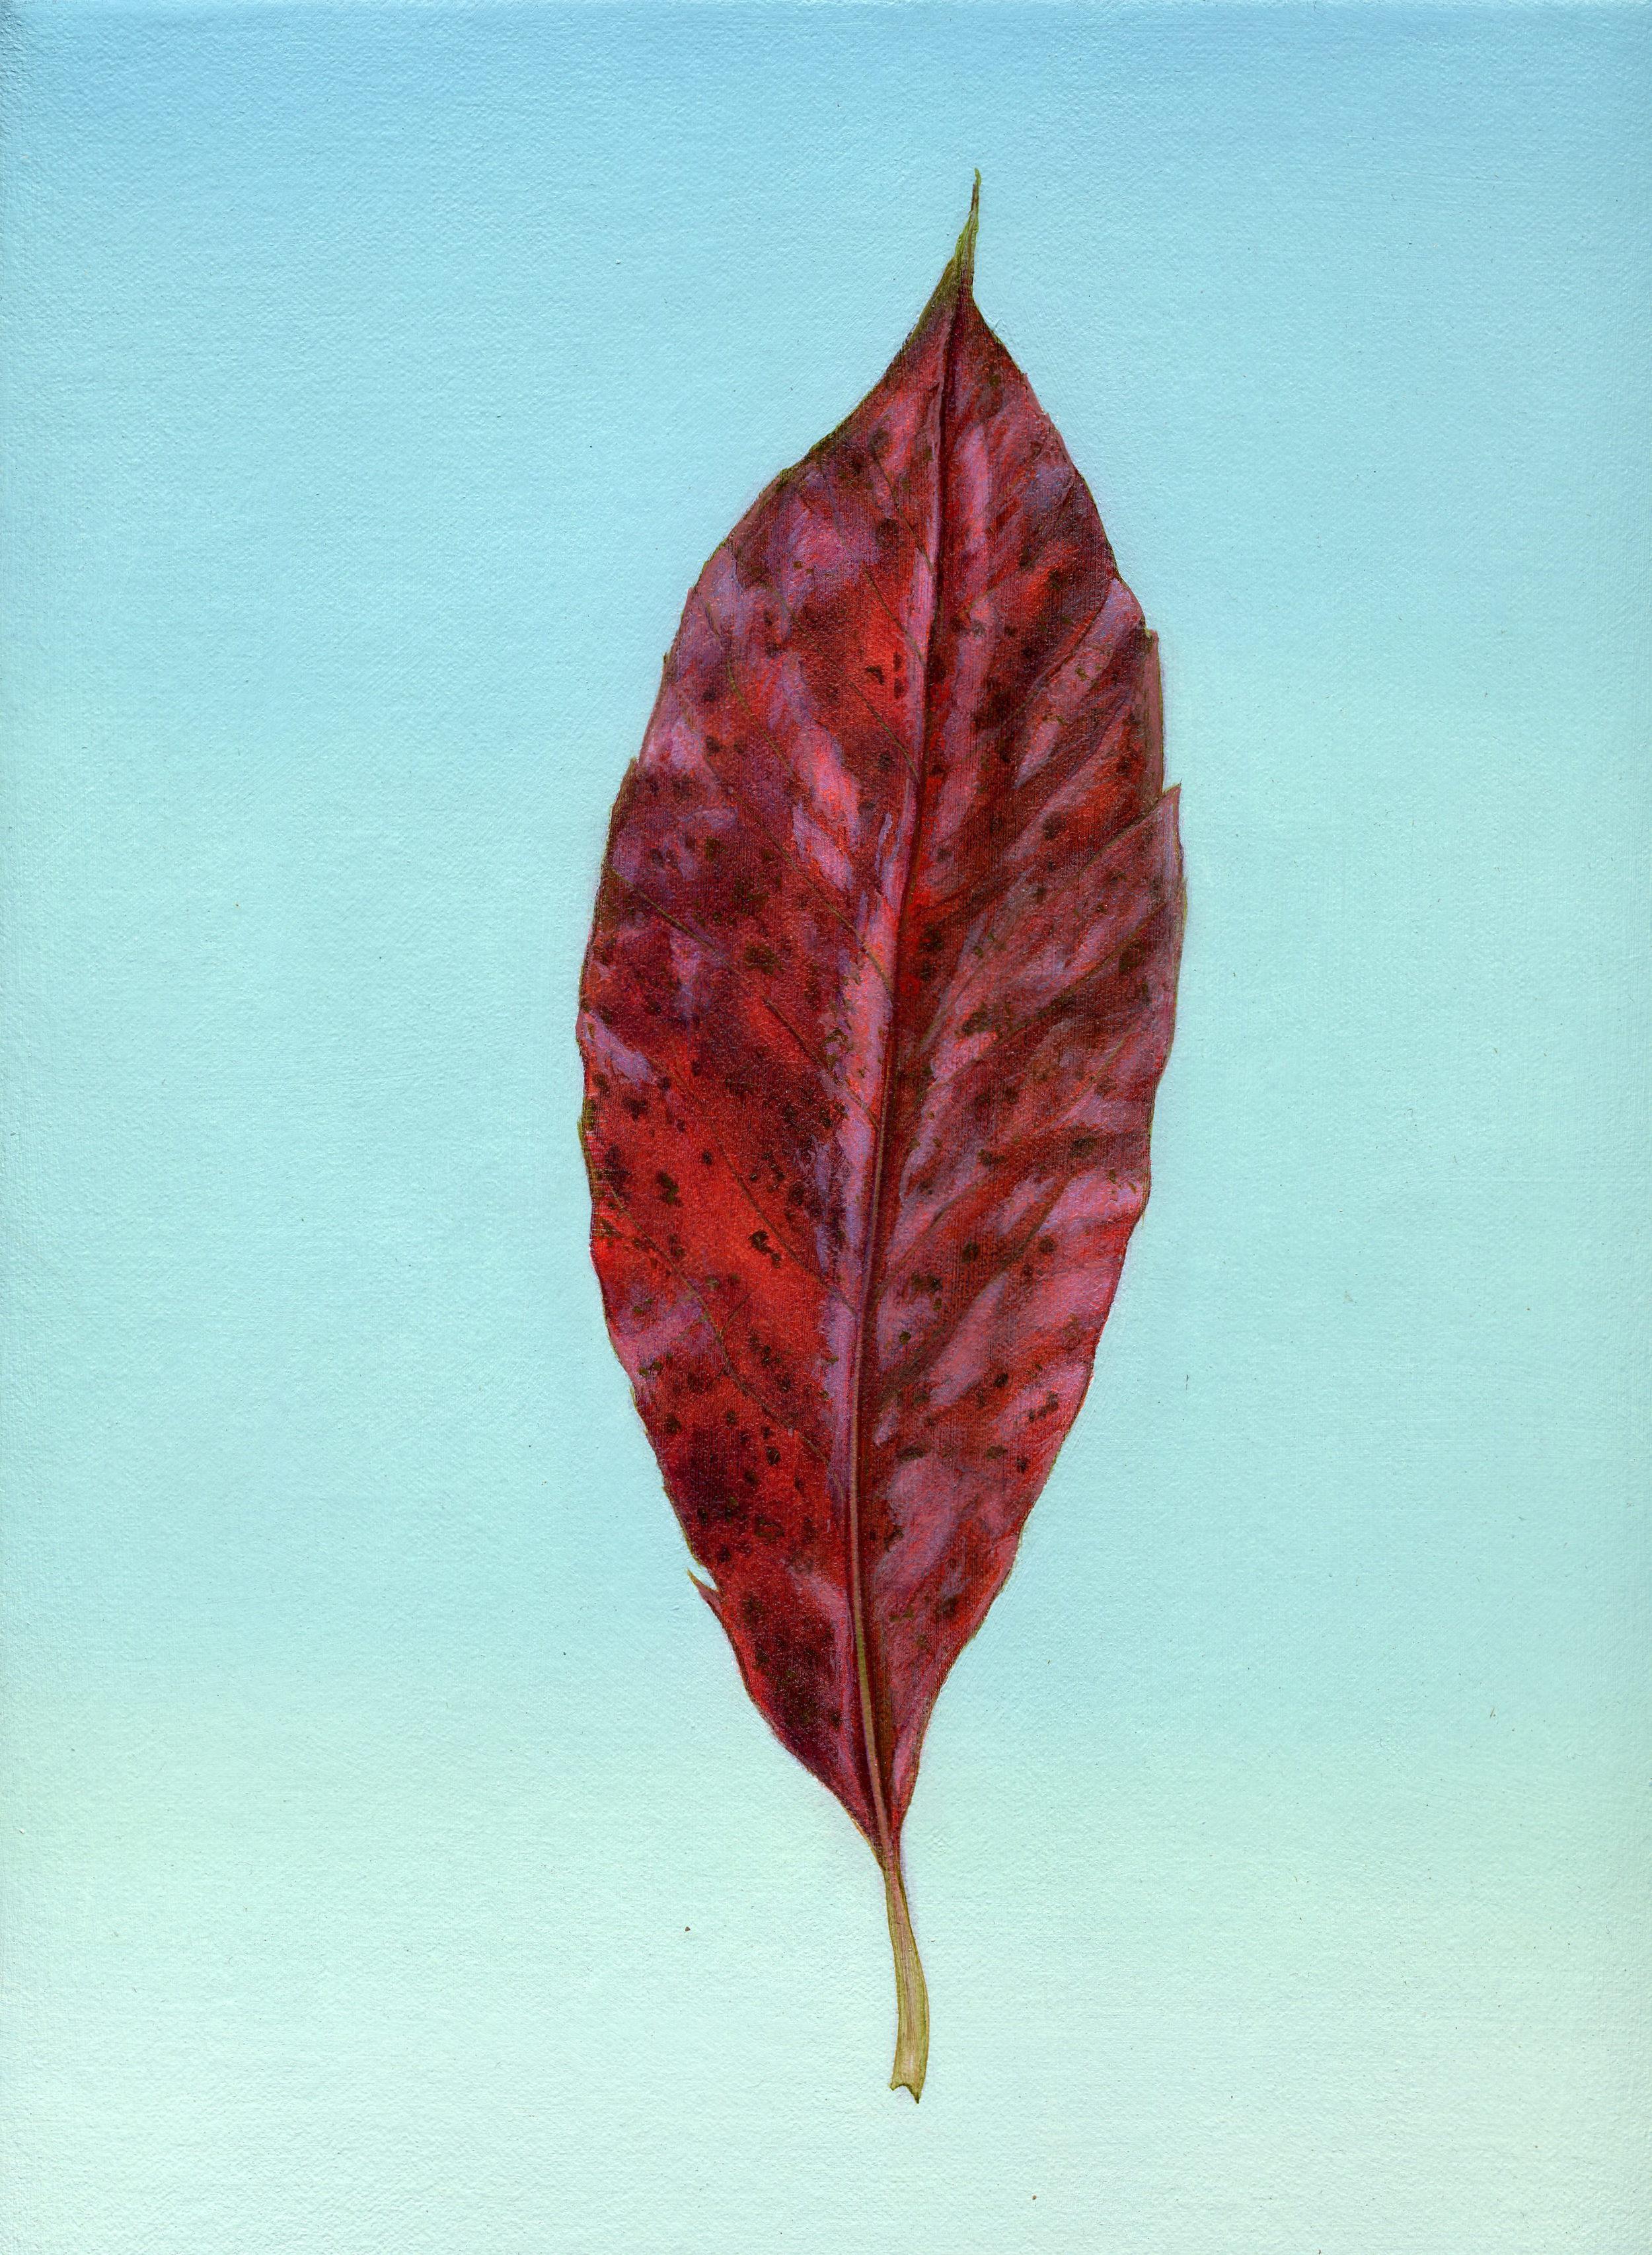 paint leaf red leaf slide show299.jpg